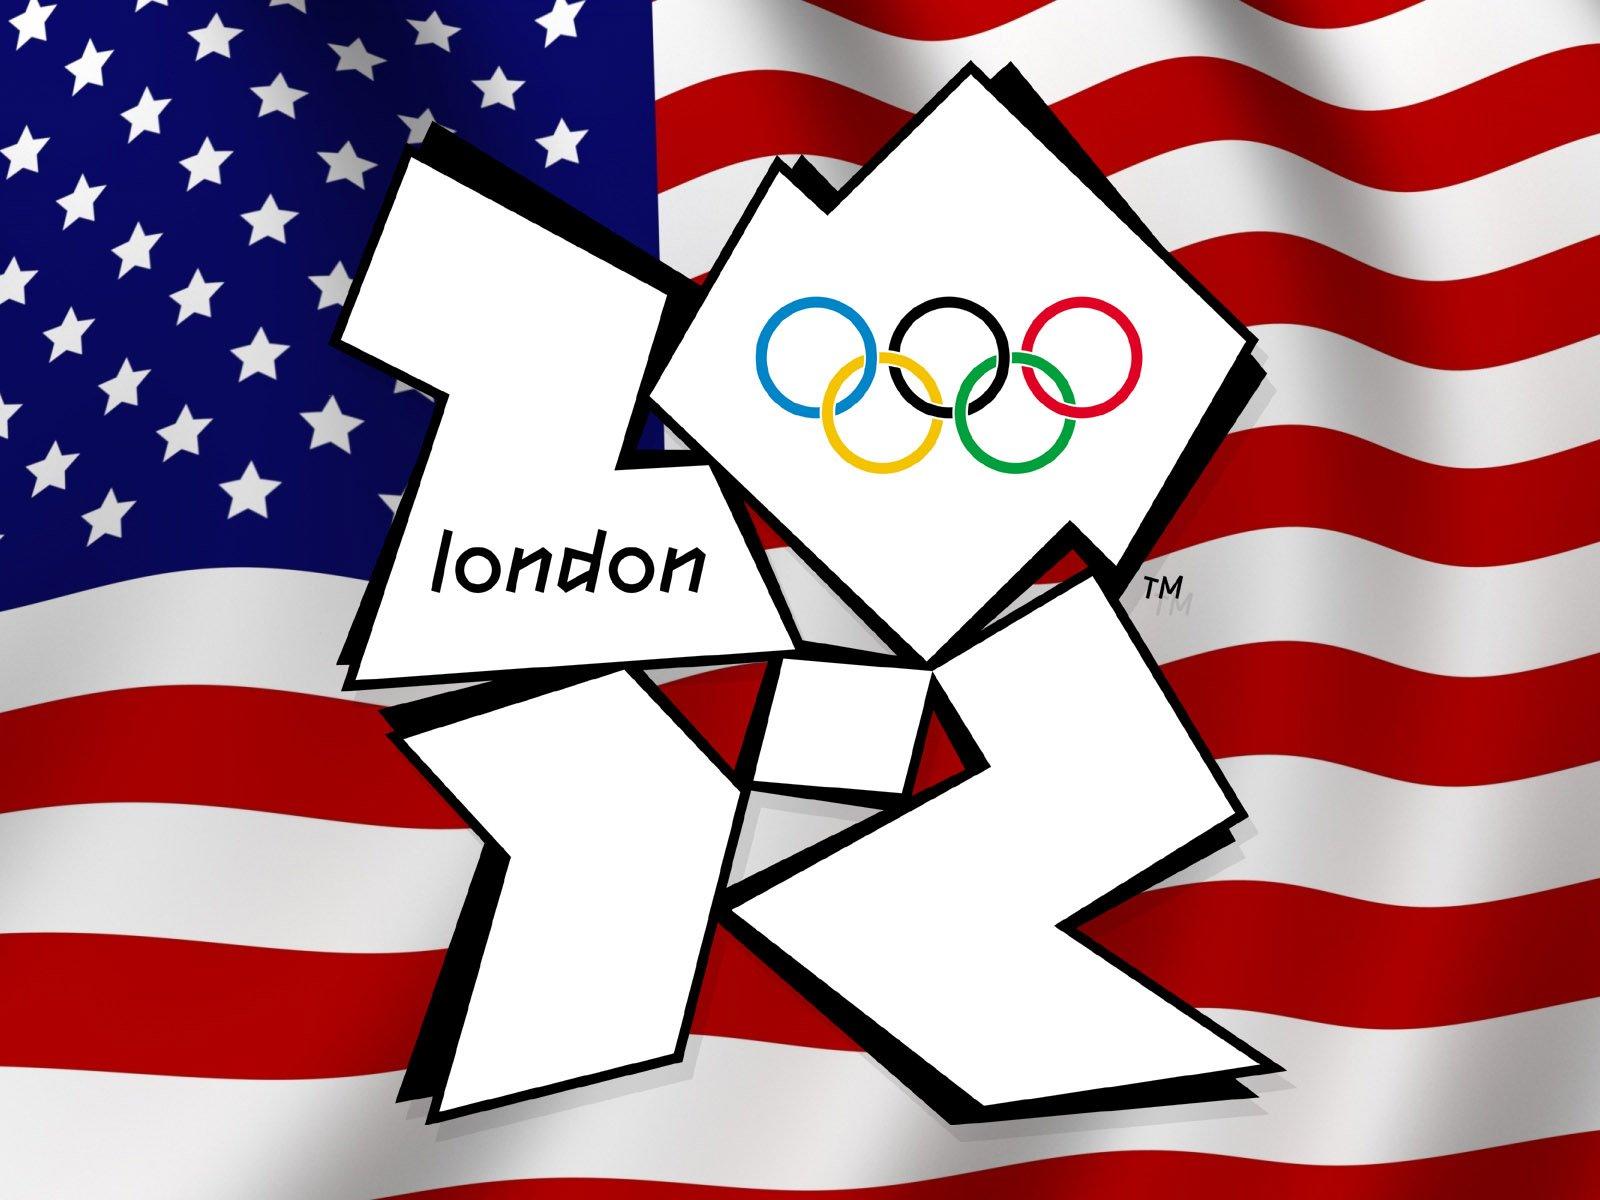 2012 london olympics logo with usa 1600x1200 556 desktopjpgusa 1600x1200